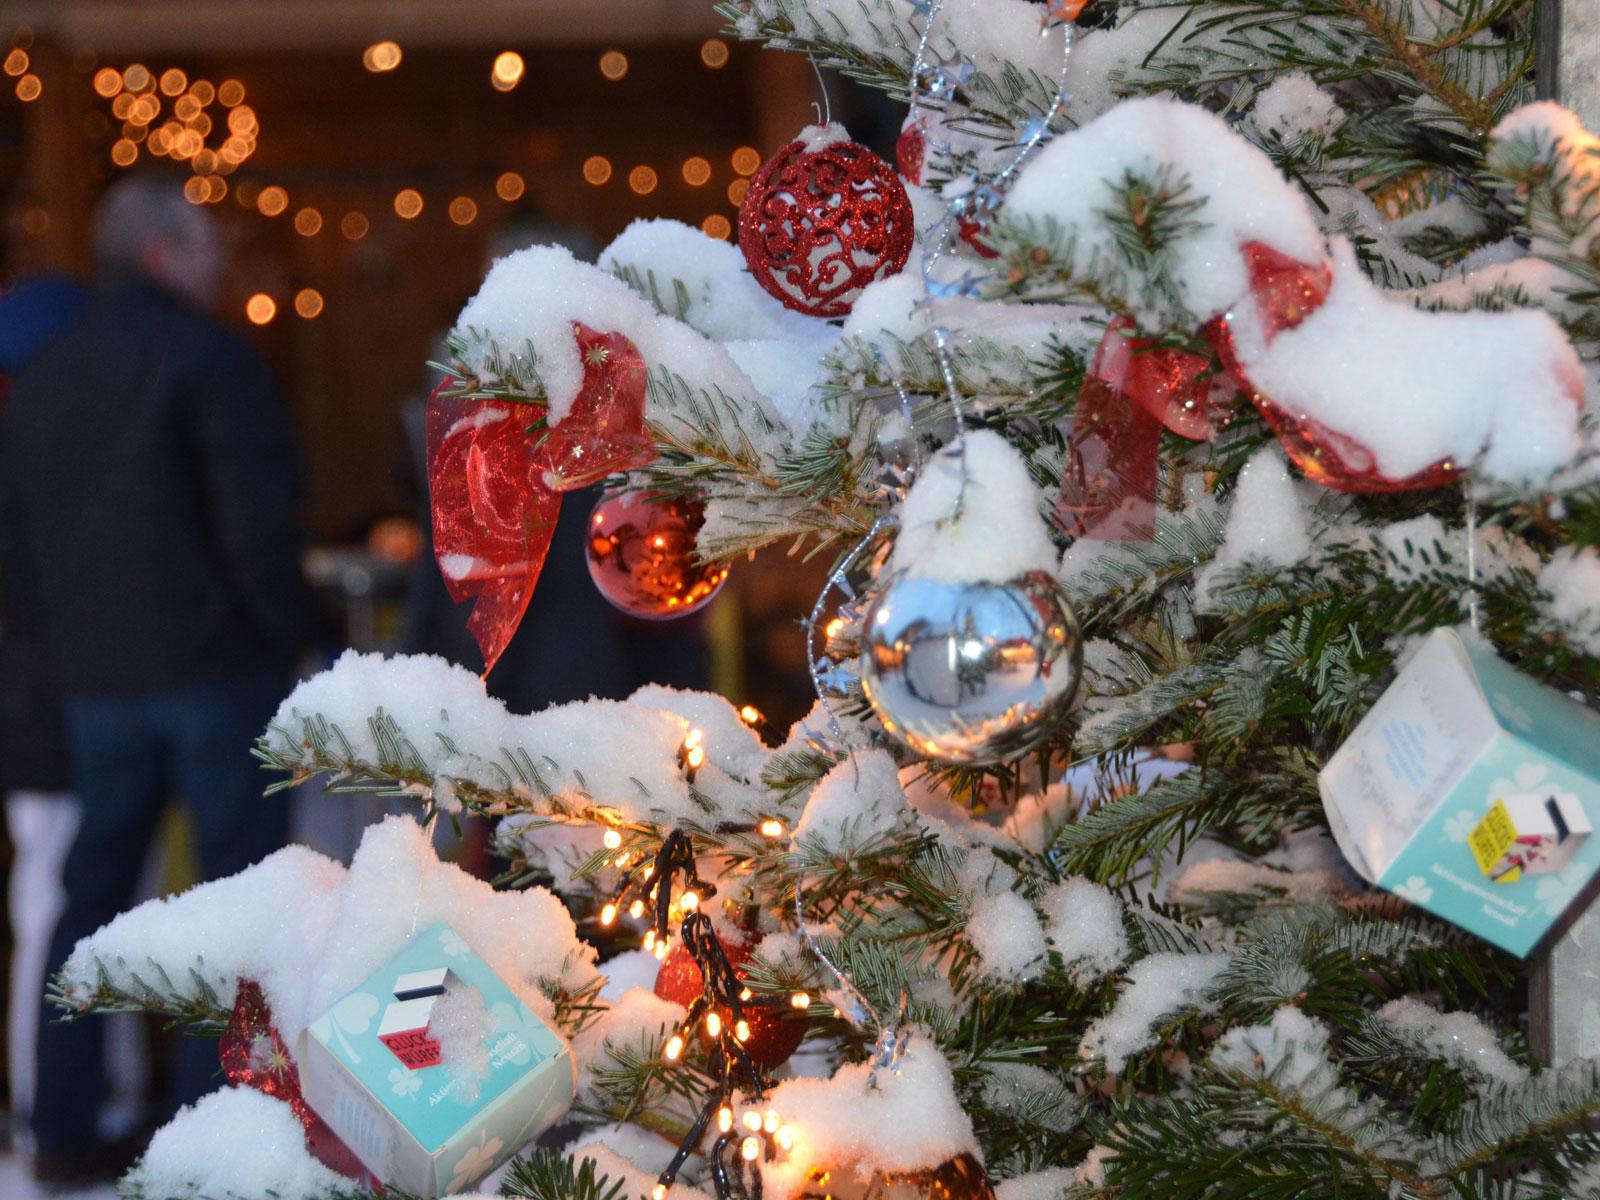 verschneiter Weihnachtsbaum dekoriert mit den Glückswürfeln der Aktionsgemeinschaft Neusäß. Foto: Stadt Neusäß